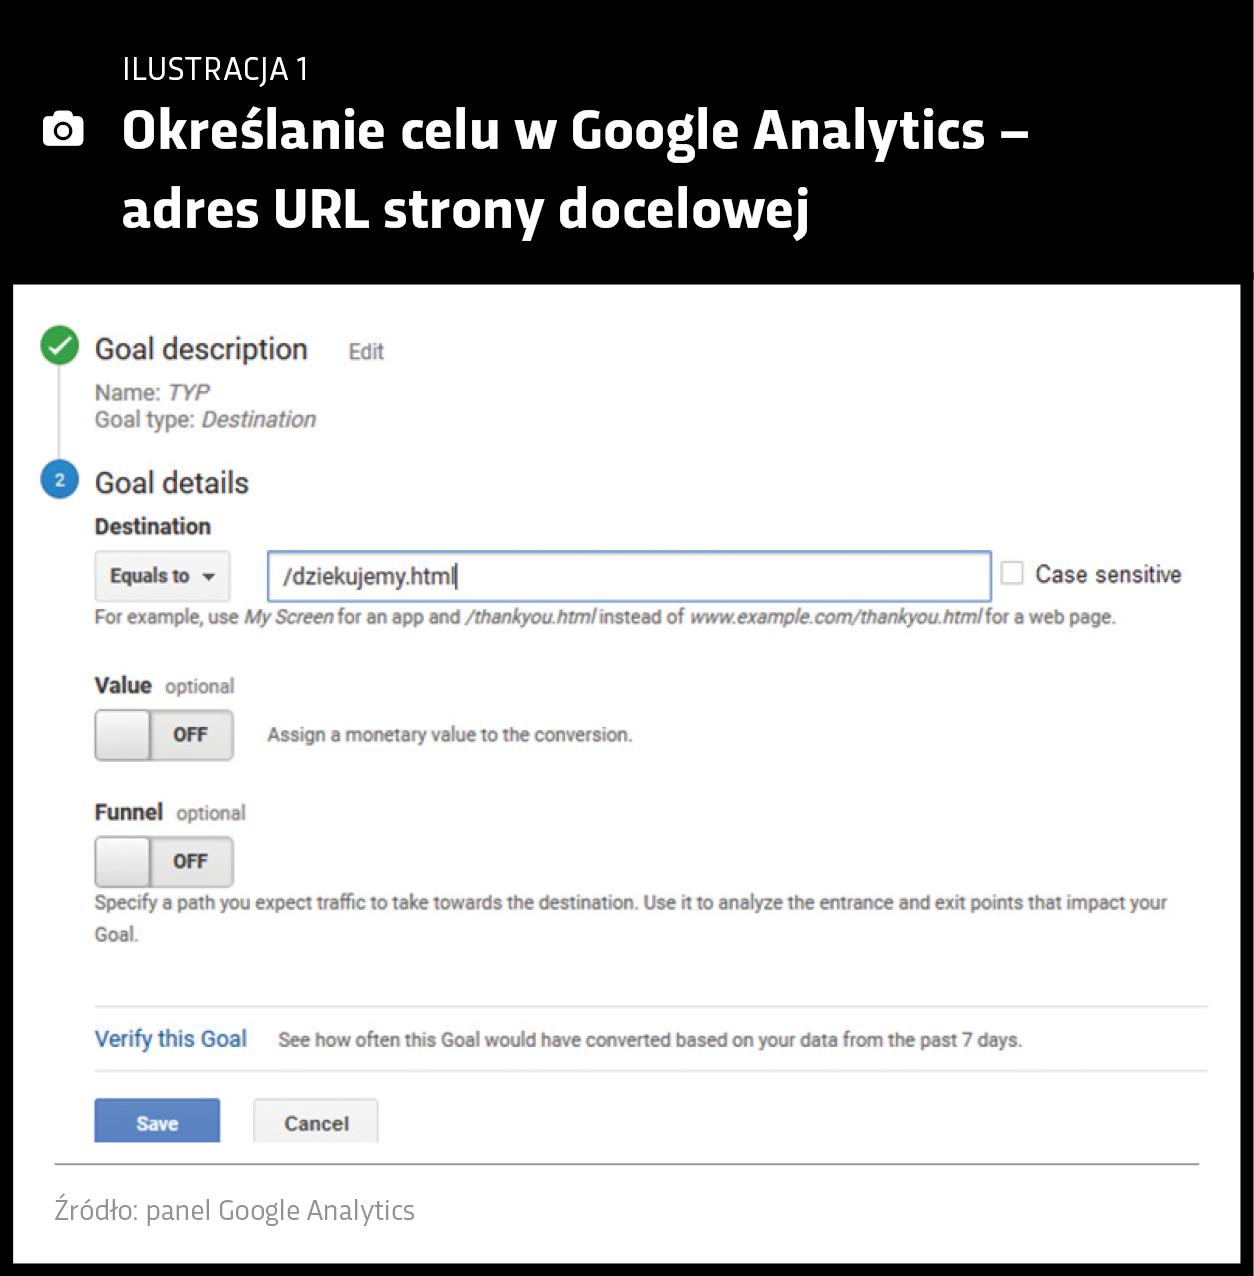 Interfejs strony: Określanie celu w Google Analytics